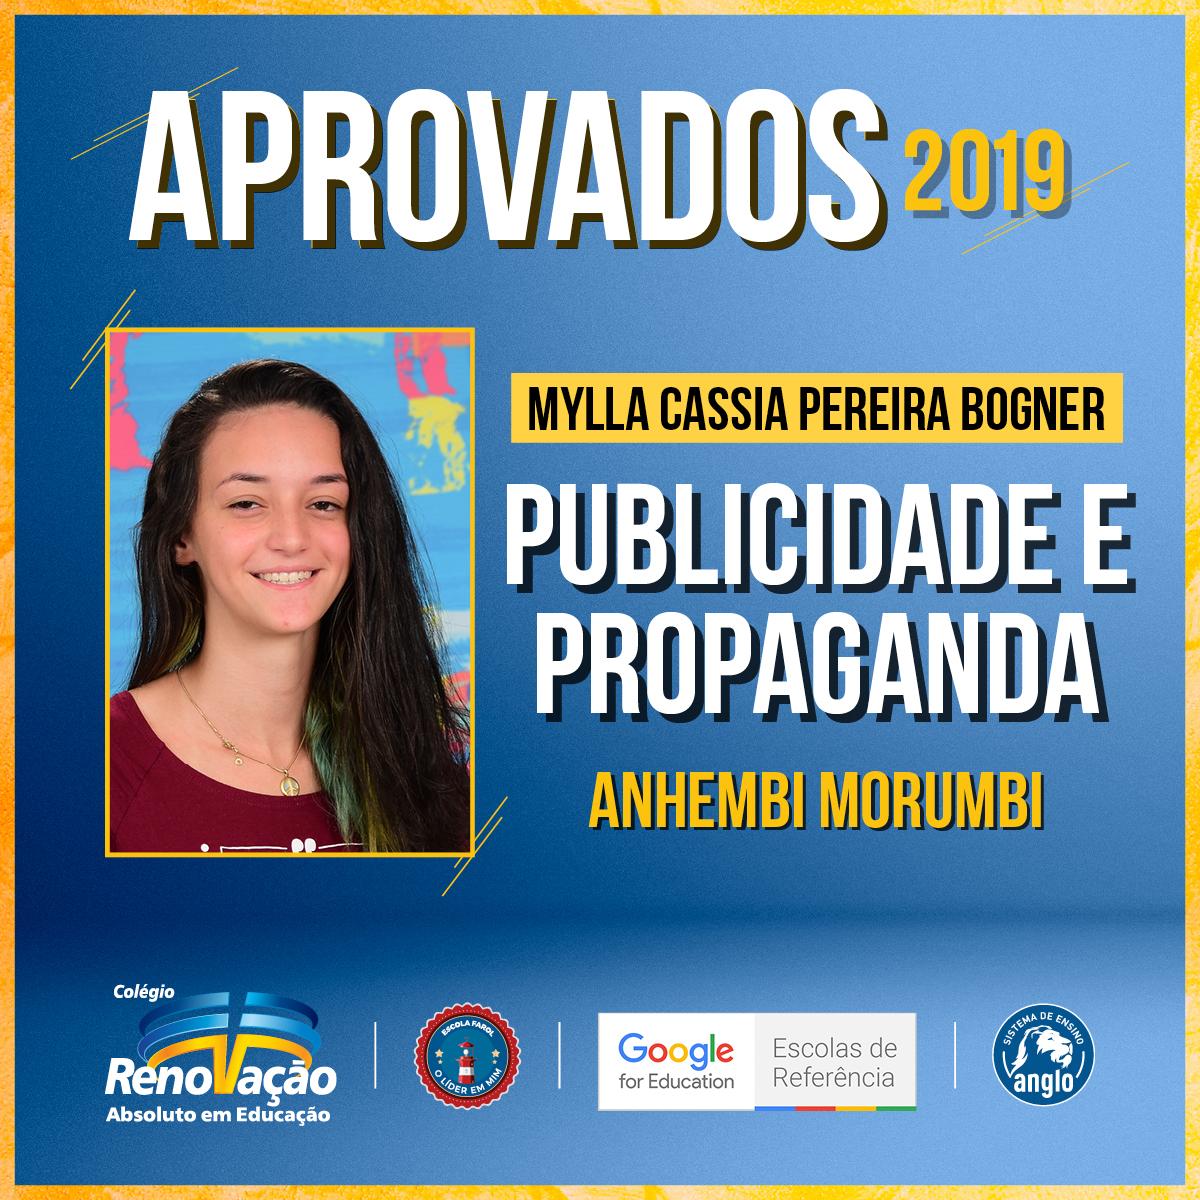 16992_Desdobramentos_Post_BannerAprovados2019_ColegioRenovacaoSP34